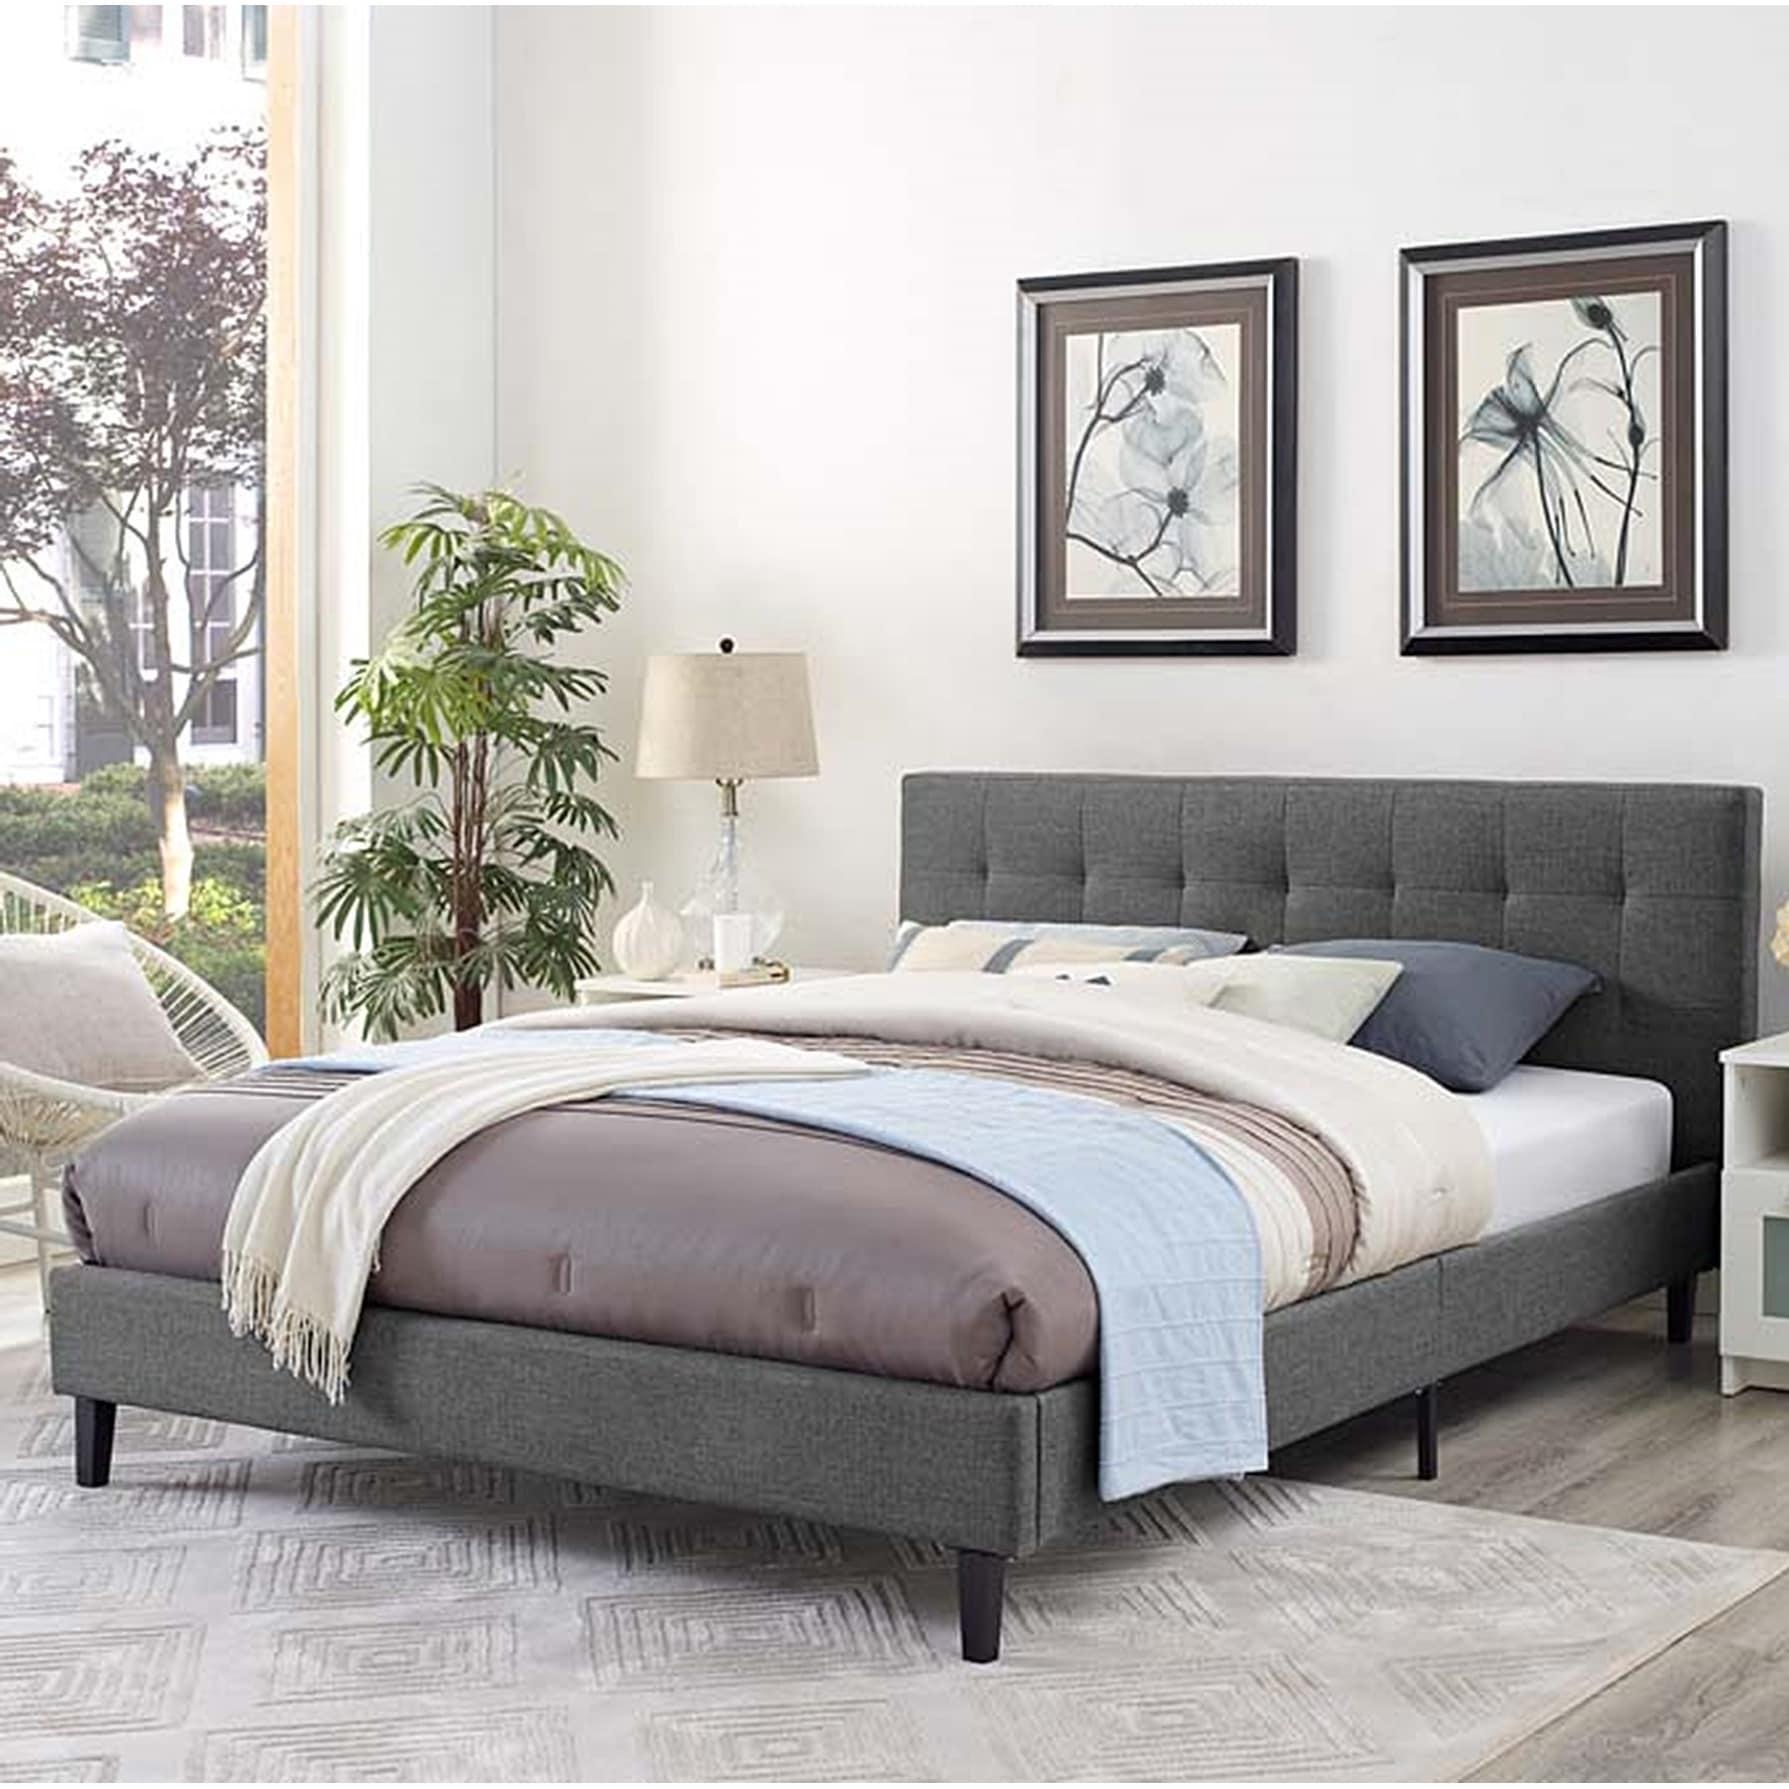 King Size Platform Bed Frame W Tufted Headboard Gray Upholstered Beds Wood Frame